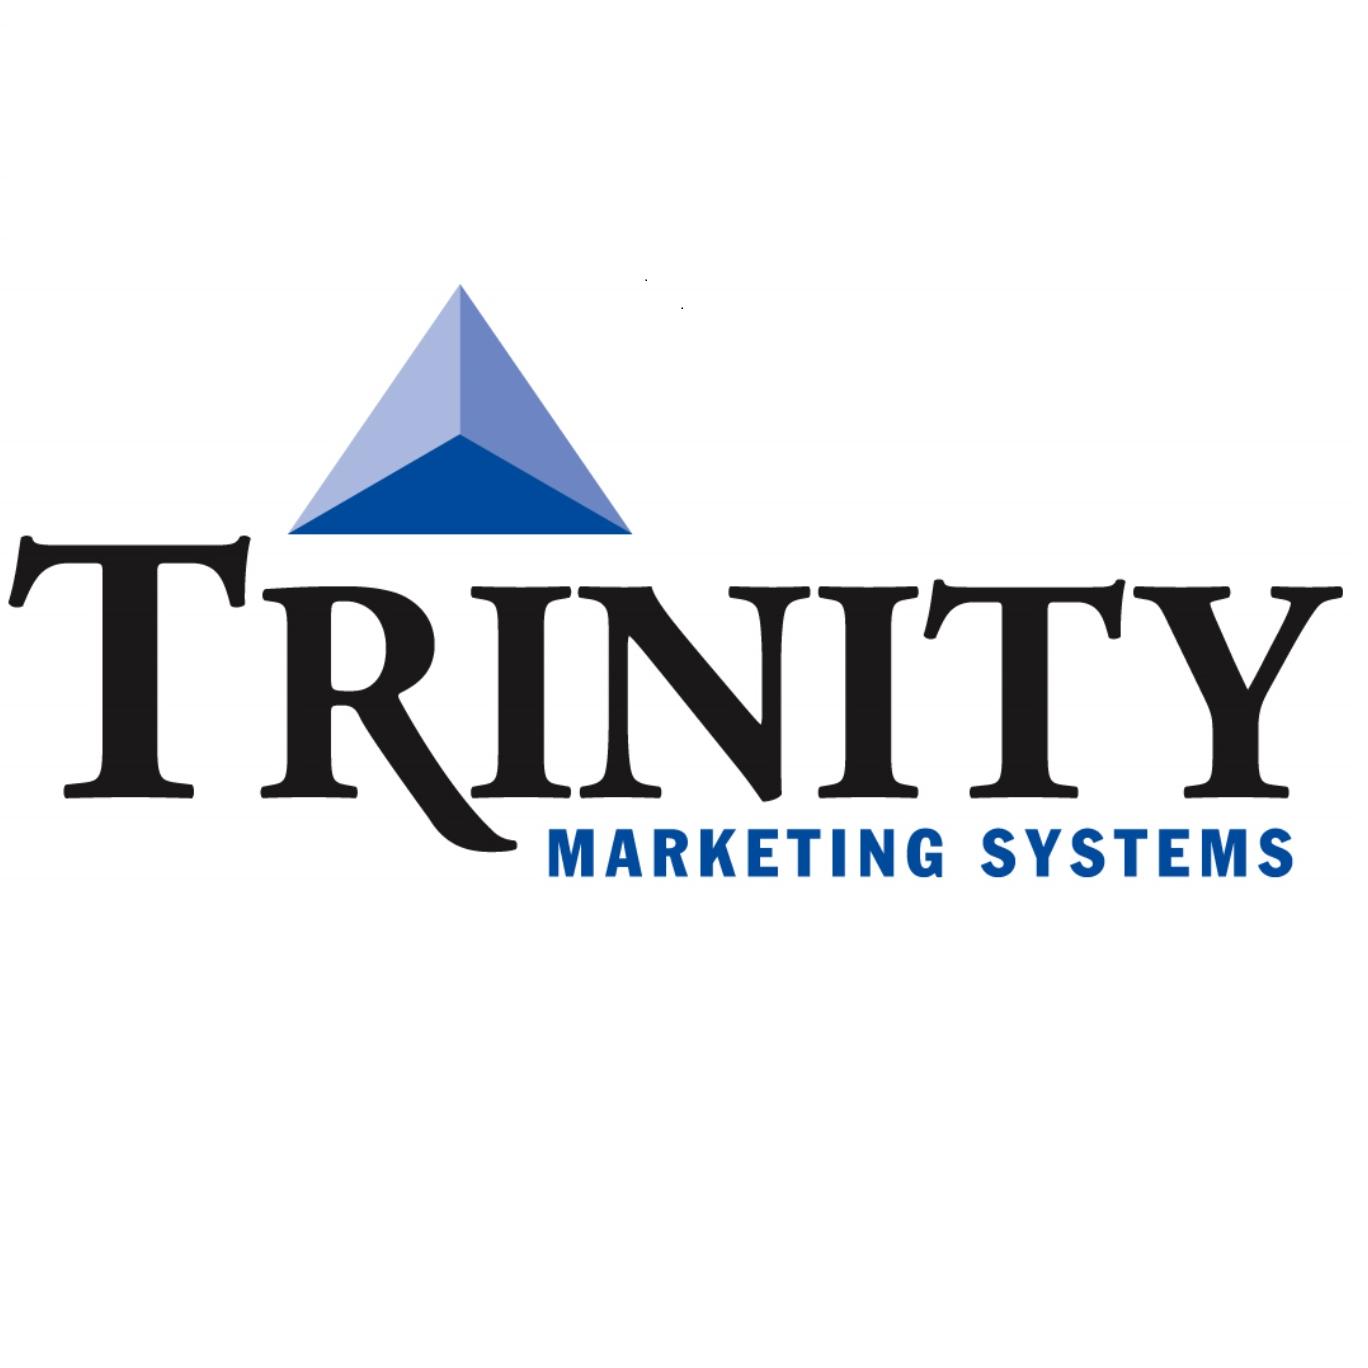 Trinity Marketing Systems Co